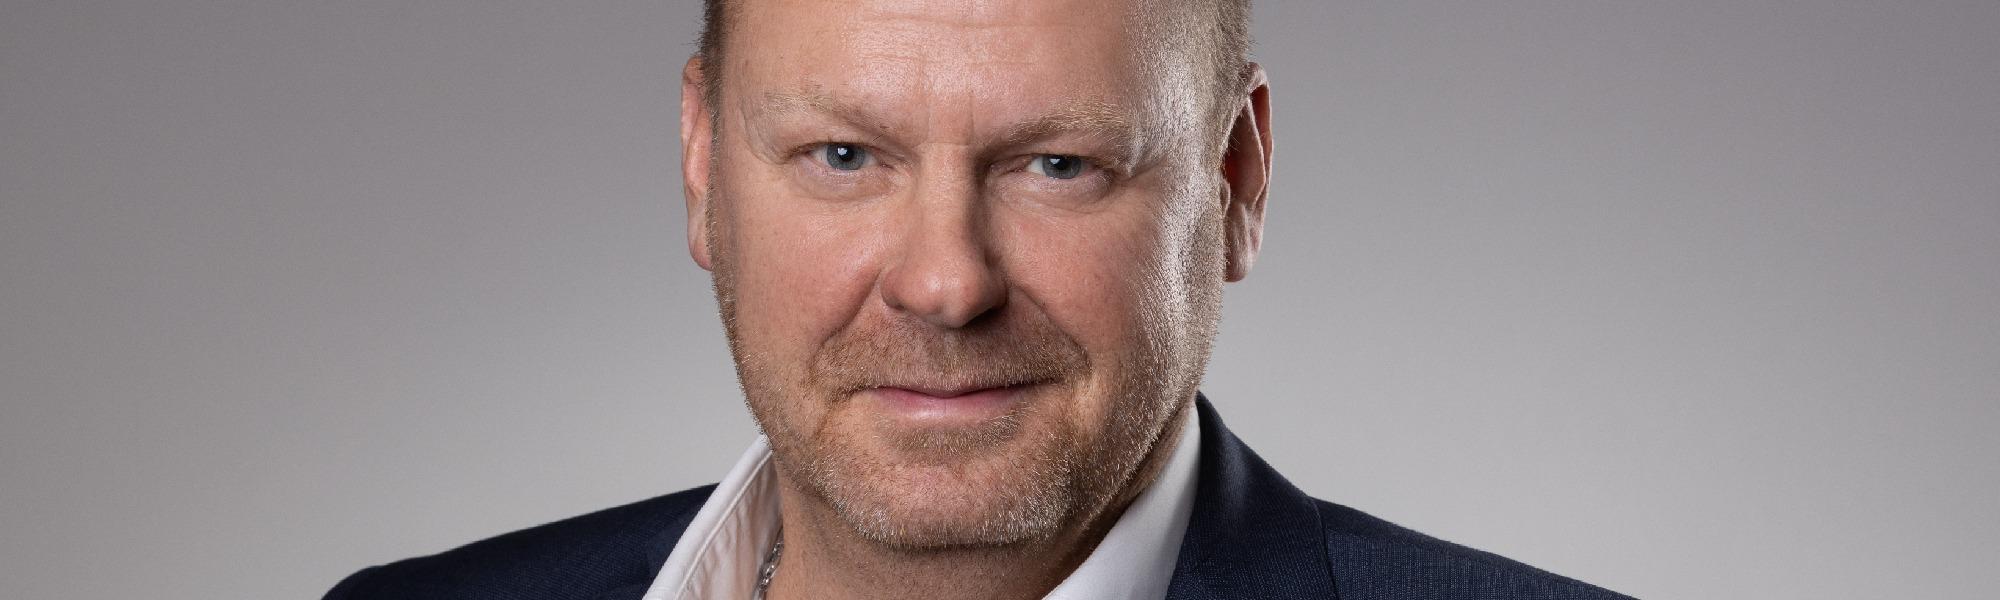 Jürgen Düringer